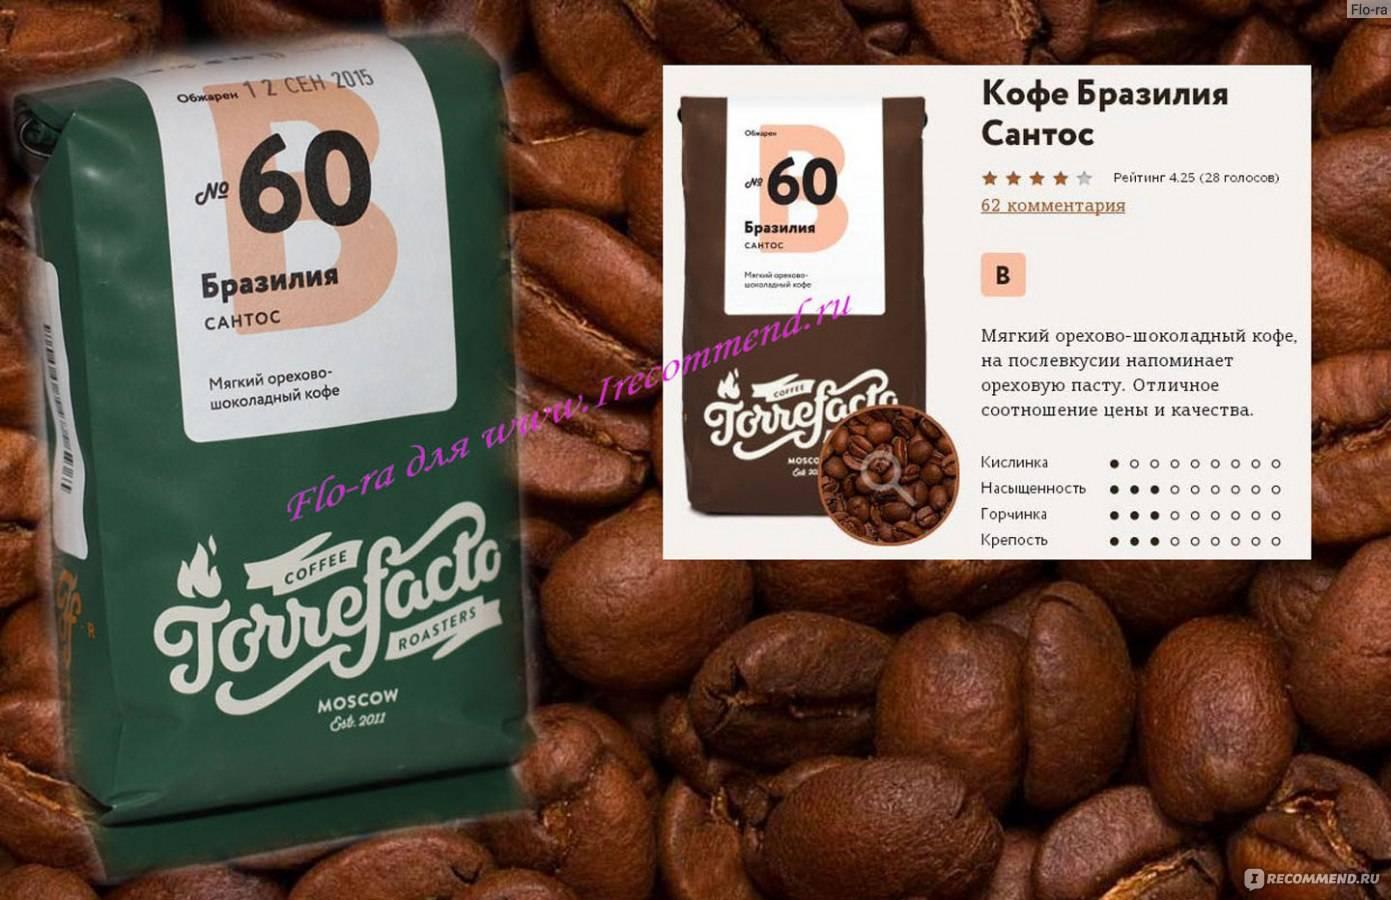 ☕️ лучшие сорта кофе: описание и отличия